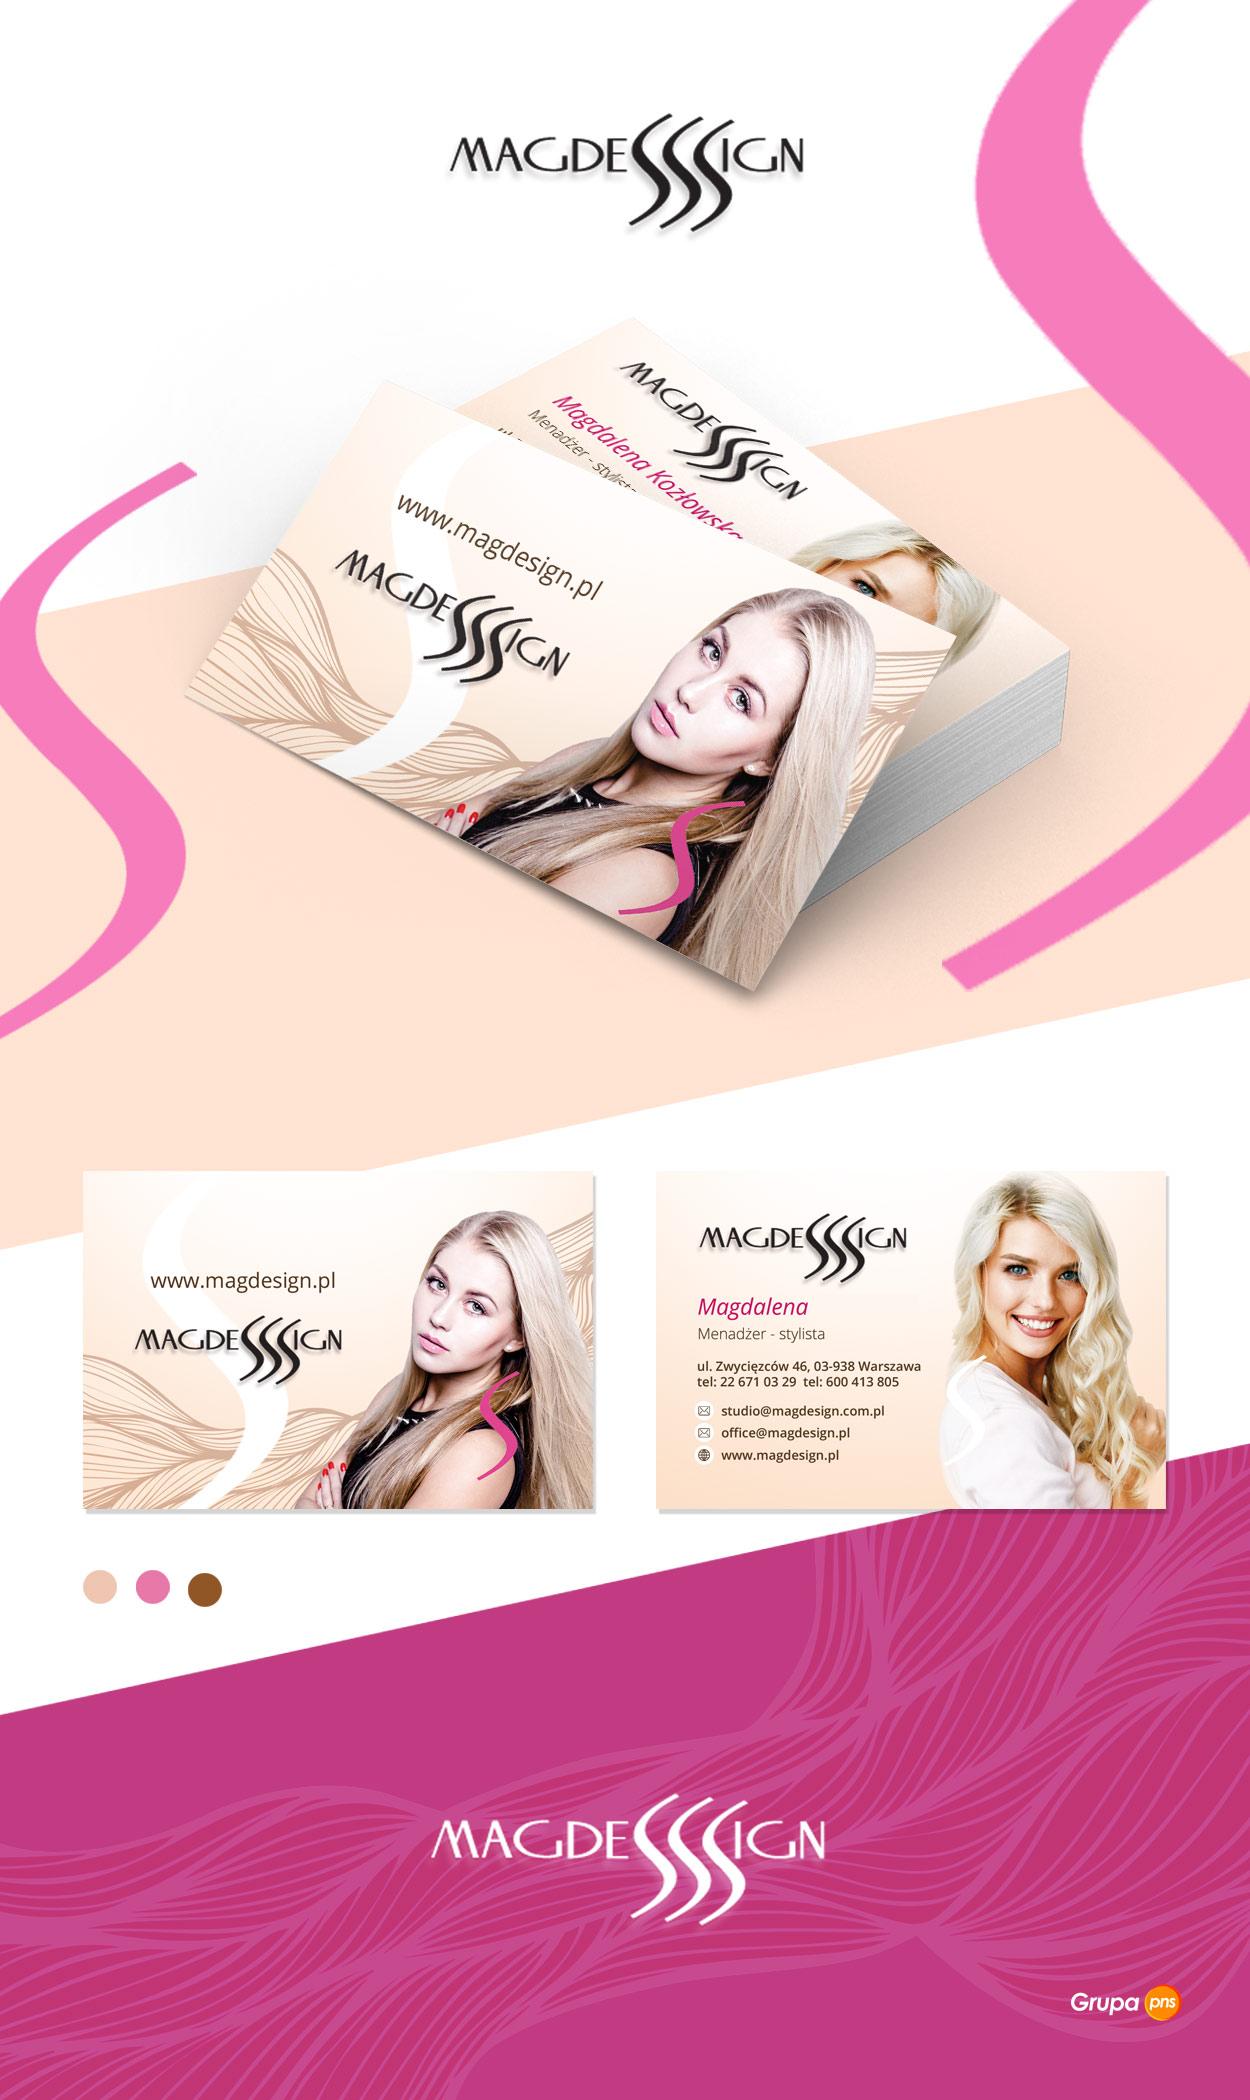 projekt-wizytowki-salon-kosmetyczny-magdessign